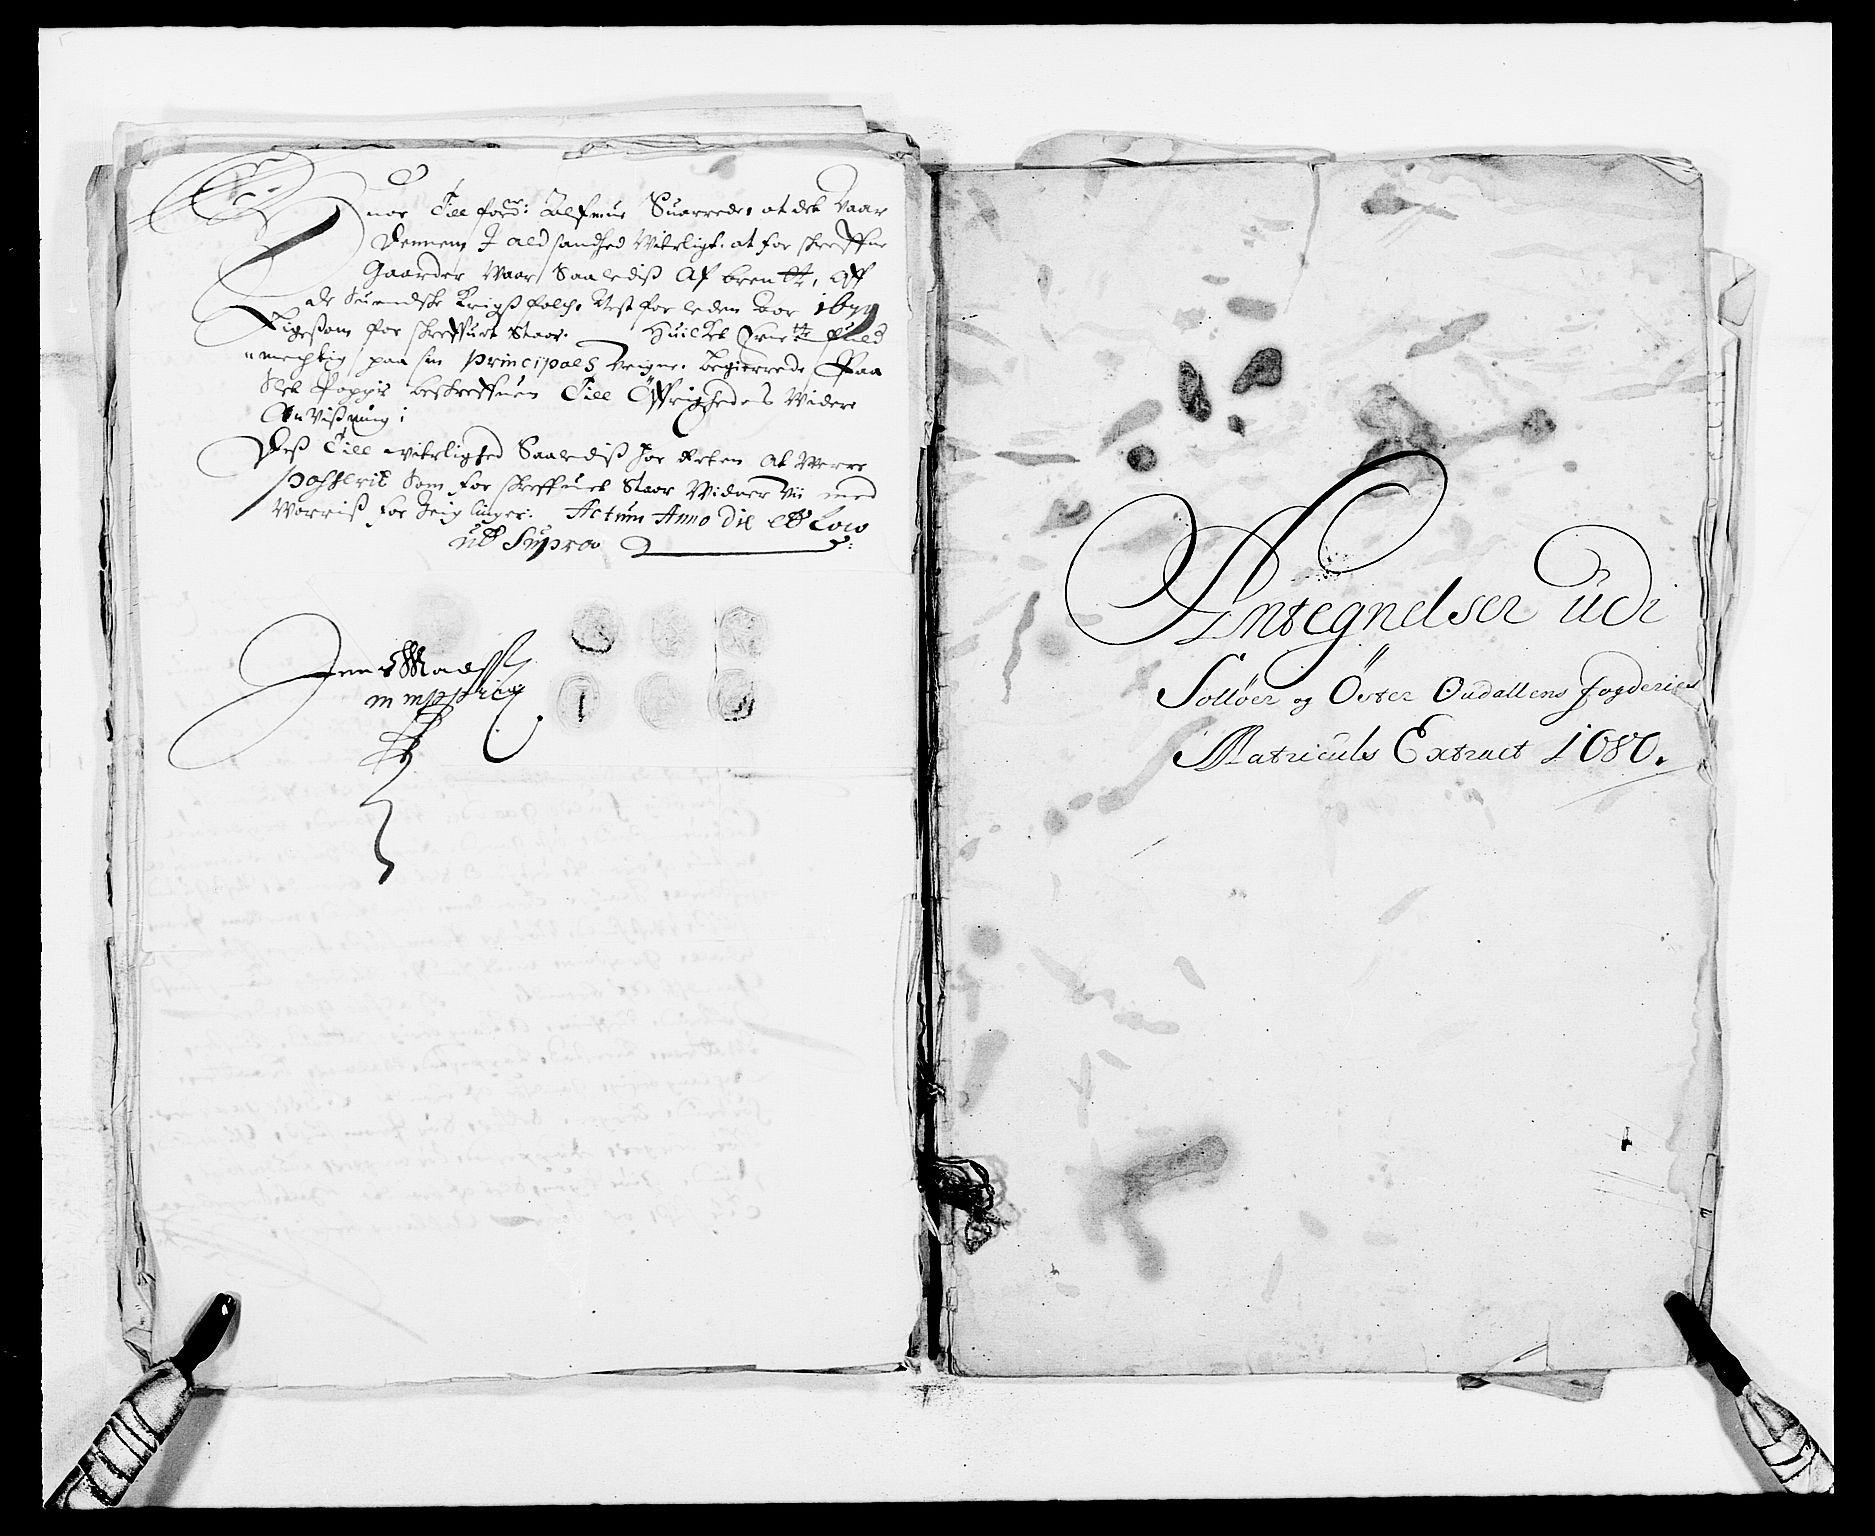 RA, Rentekammeret inntil 1814, Reviderte regnskaper, Fogderegnskap, R13/L0817: Fogderegnskap Solør, Odal og Østerdal, 1680, s. 336